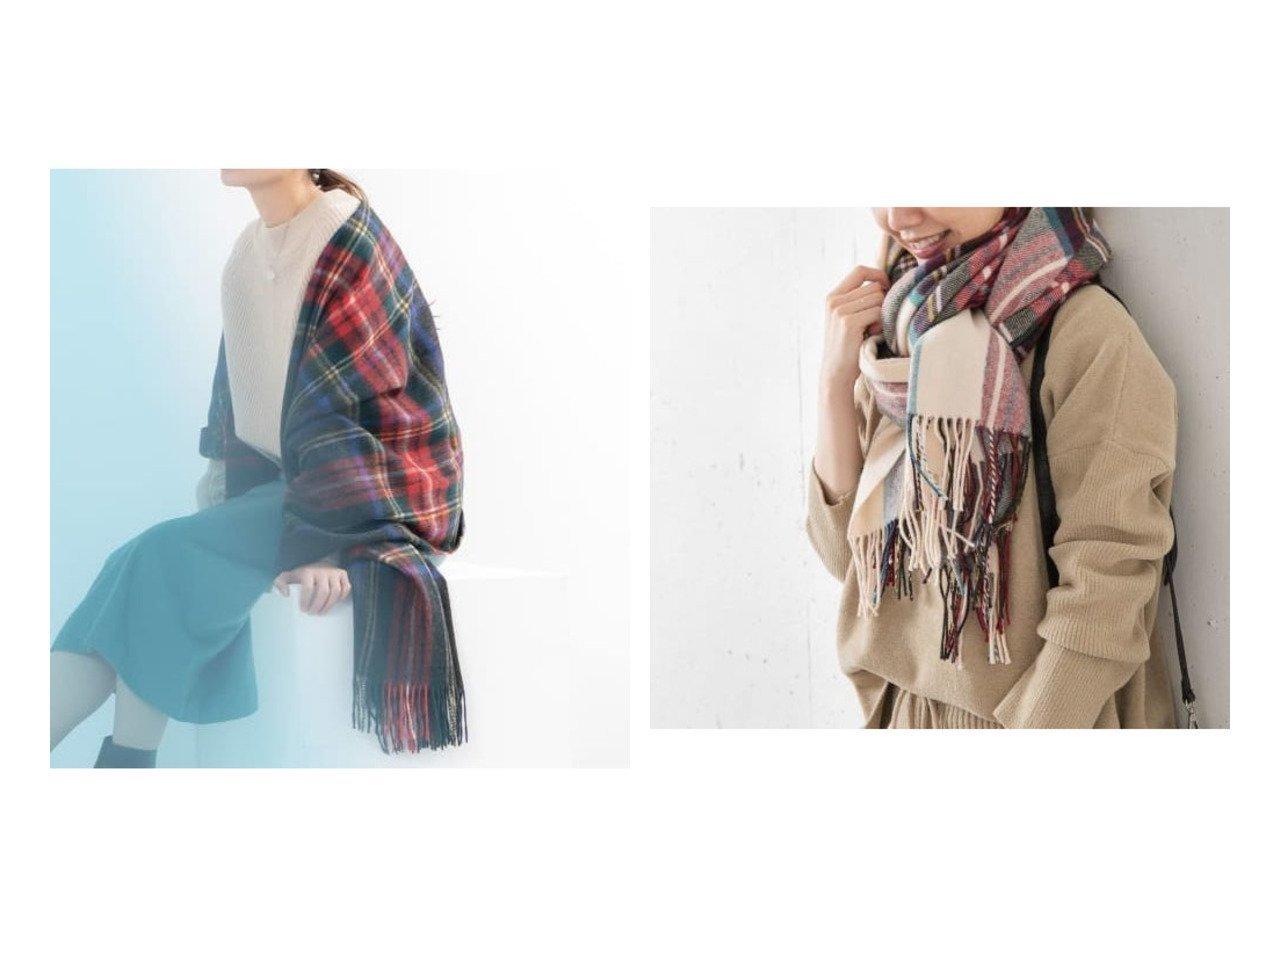 【Sonny Label / URBAN RESEARCH/サニーレーベル】のGlen Prince ラムズウールチェックストール おすすめ!人気トレンド・レディースファッションの通販 おすすめで人気のファッション通販商品 インテリア・家具・キッズファッション・メンズファッション・レディースファッション・服の通販 founy(ファニー) https://founy.com/ ファッション Fashion レディース WOMEN ストール Scarves マフラー Mufflers スカーフ ストール トレンド マフラー 軽量 |ID:crp329100000006468